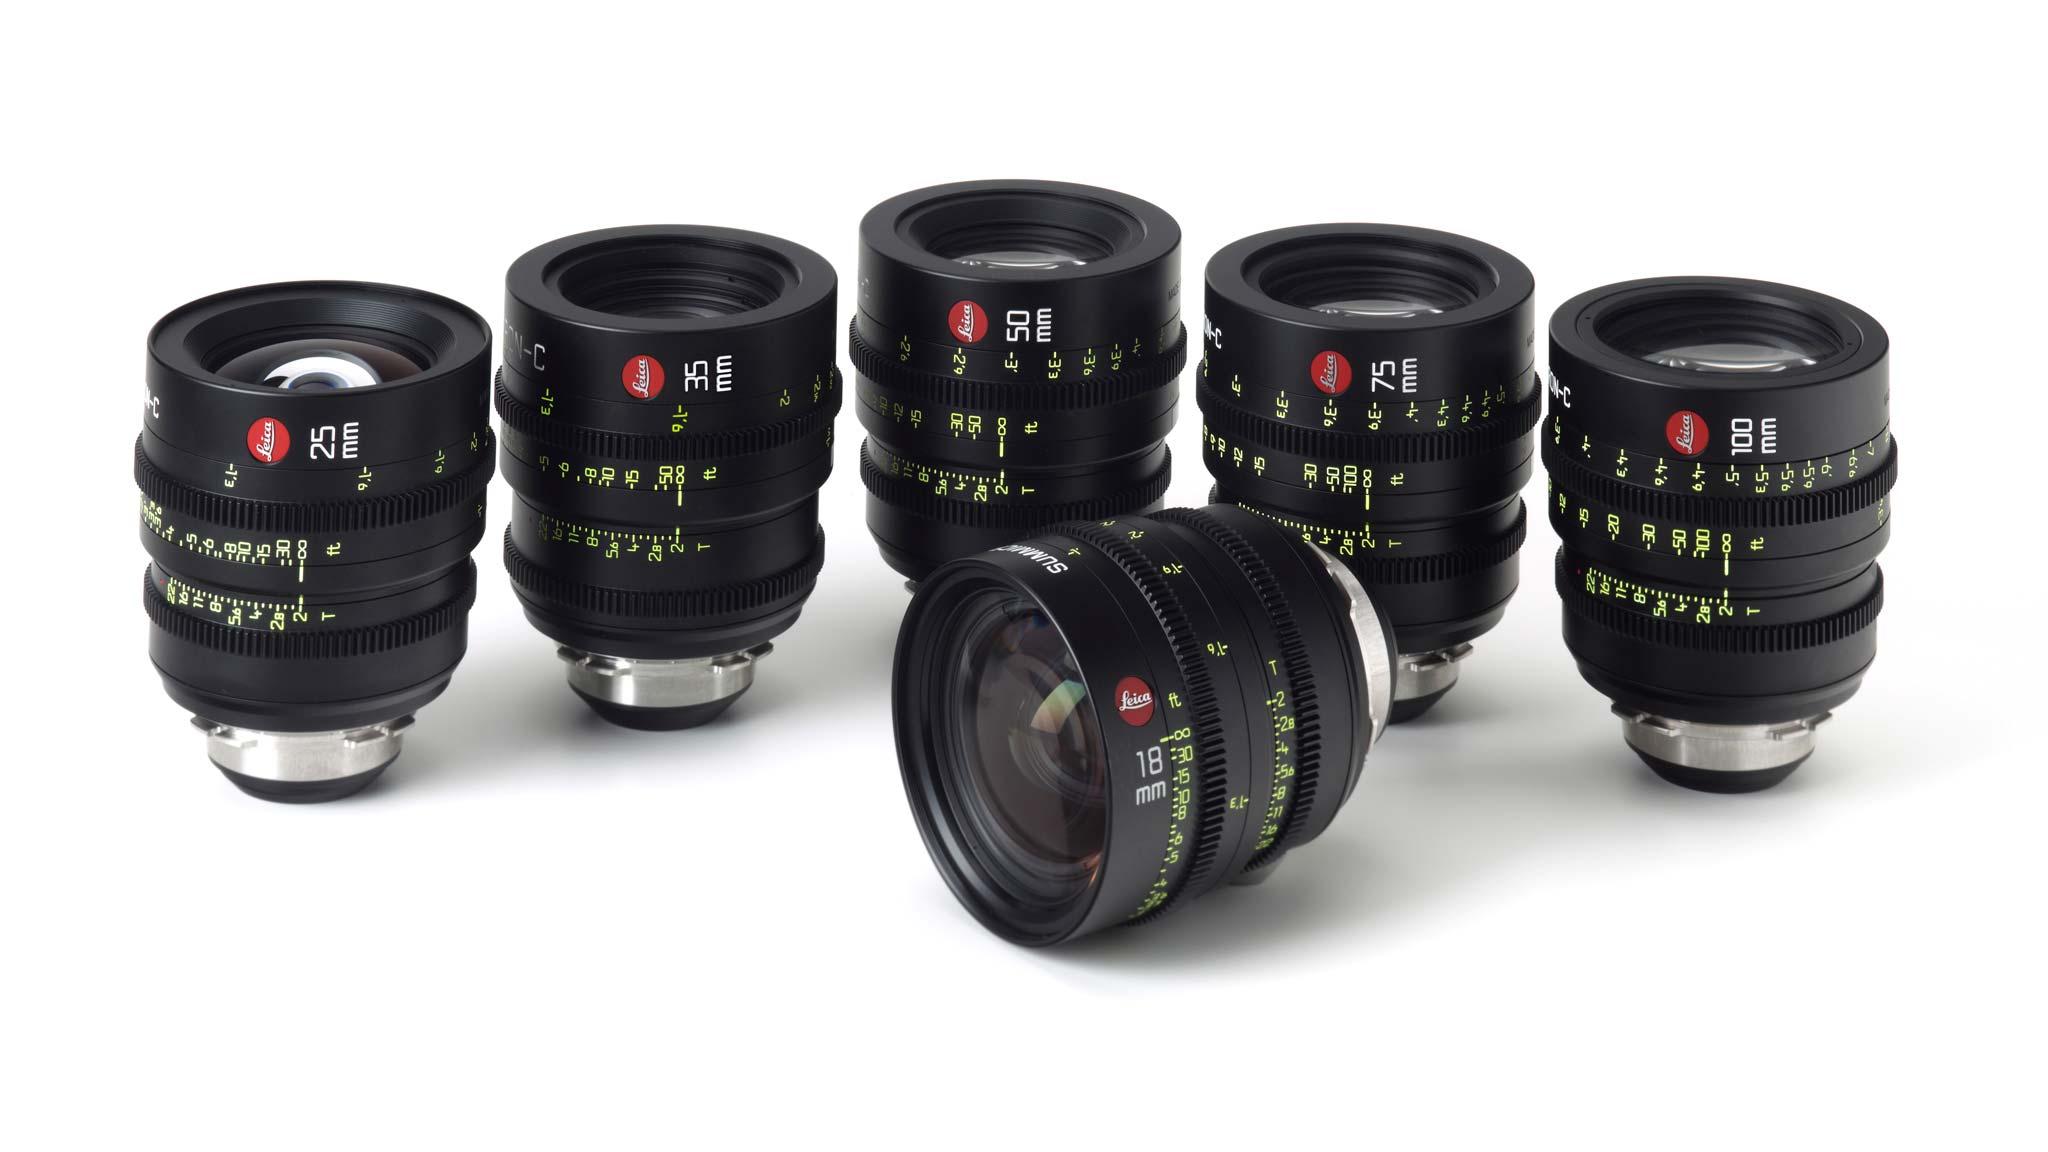 Видеообъективы Summicron C от Leica